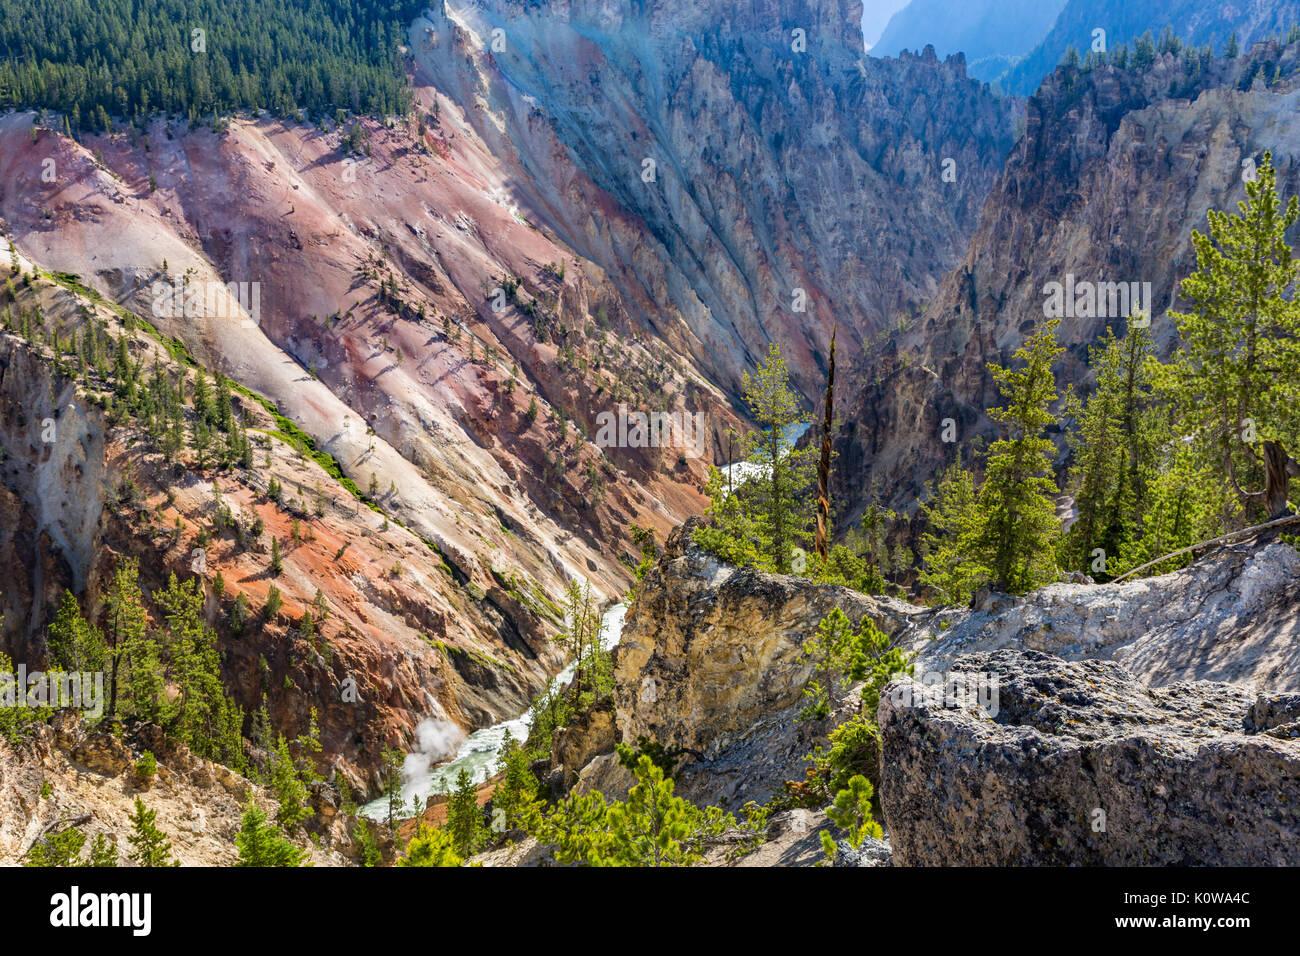 Une vue imprenable sur le Grand Canyon de la Yellowstone de Artist Point dans le Parc National de Yellowstone, Wyoming Photo Stock